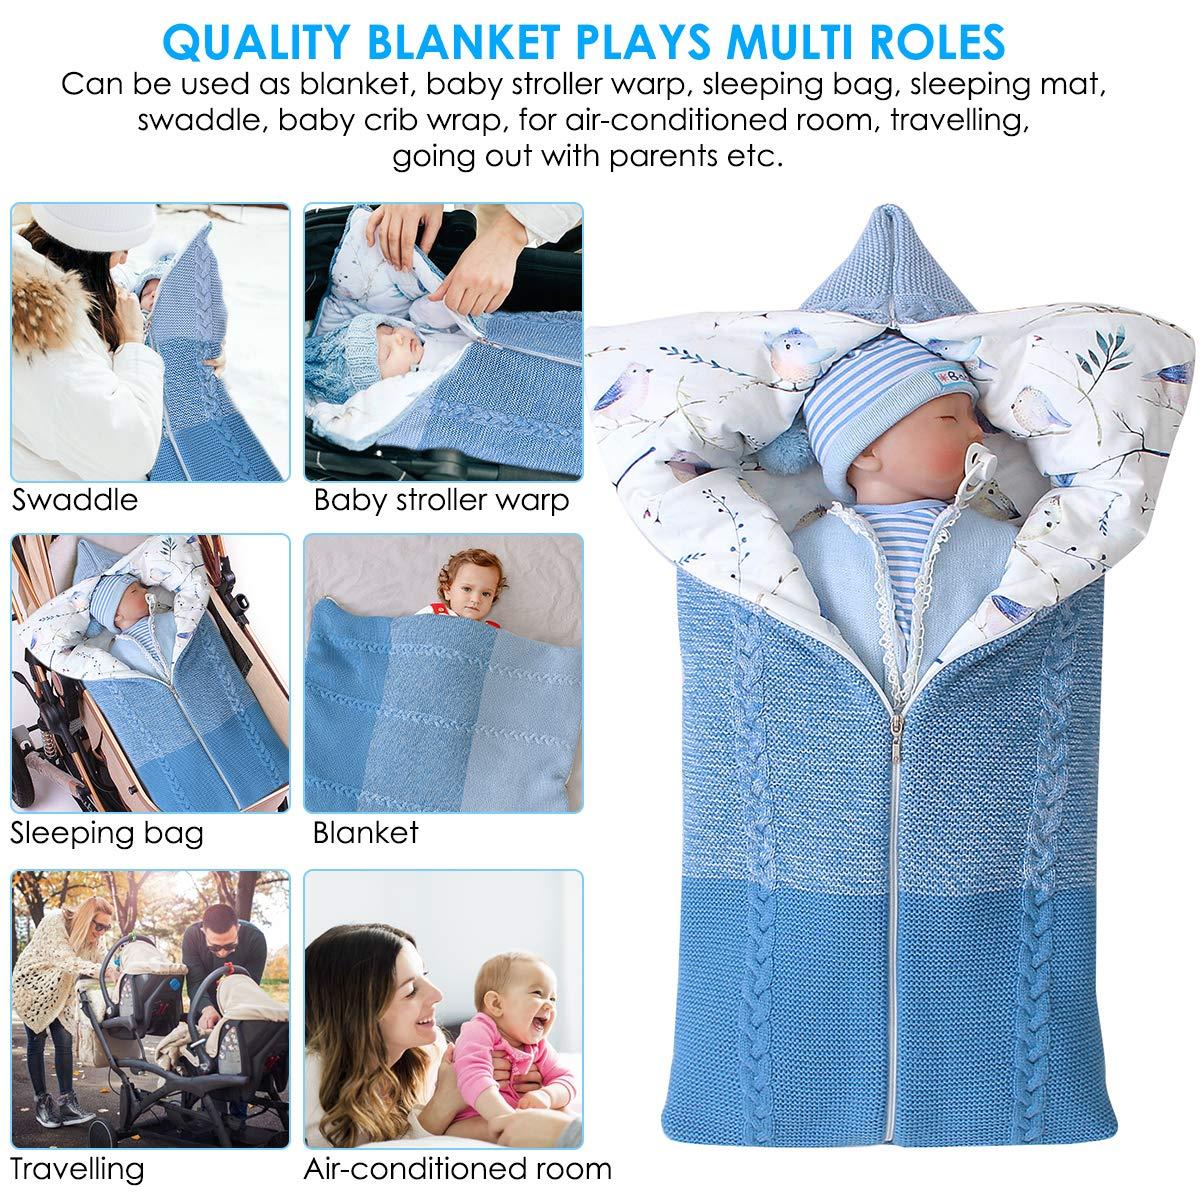 manta de cochecito de beb/é Azul manta de beb/é reci/én nacido saco de dormir c/álido de invierno para beb/és o ni/ños de 0-12 meses